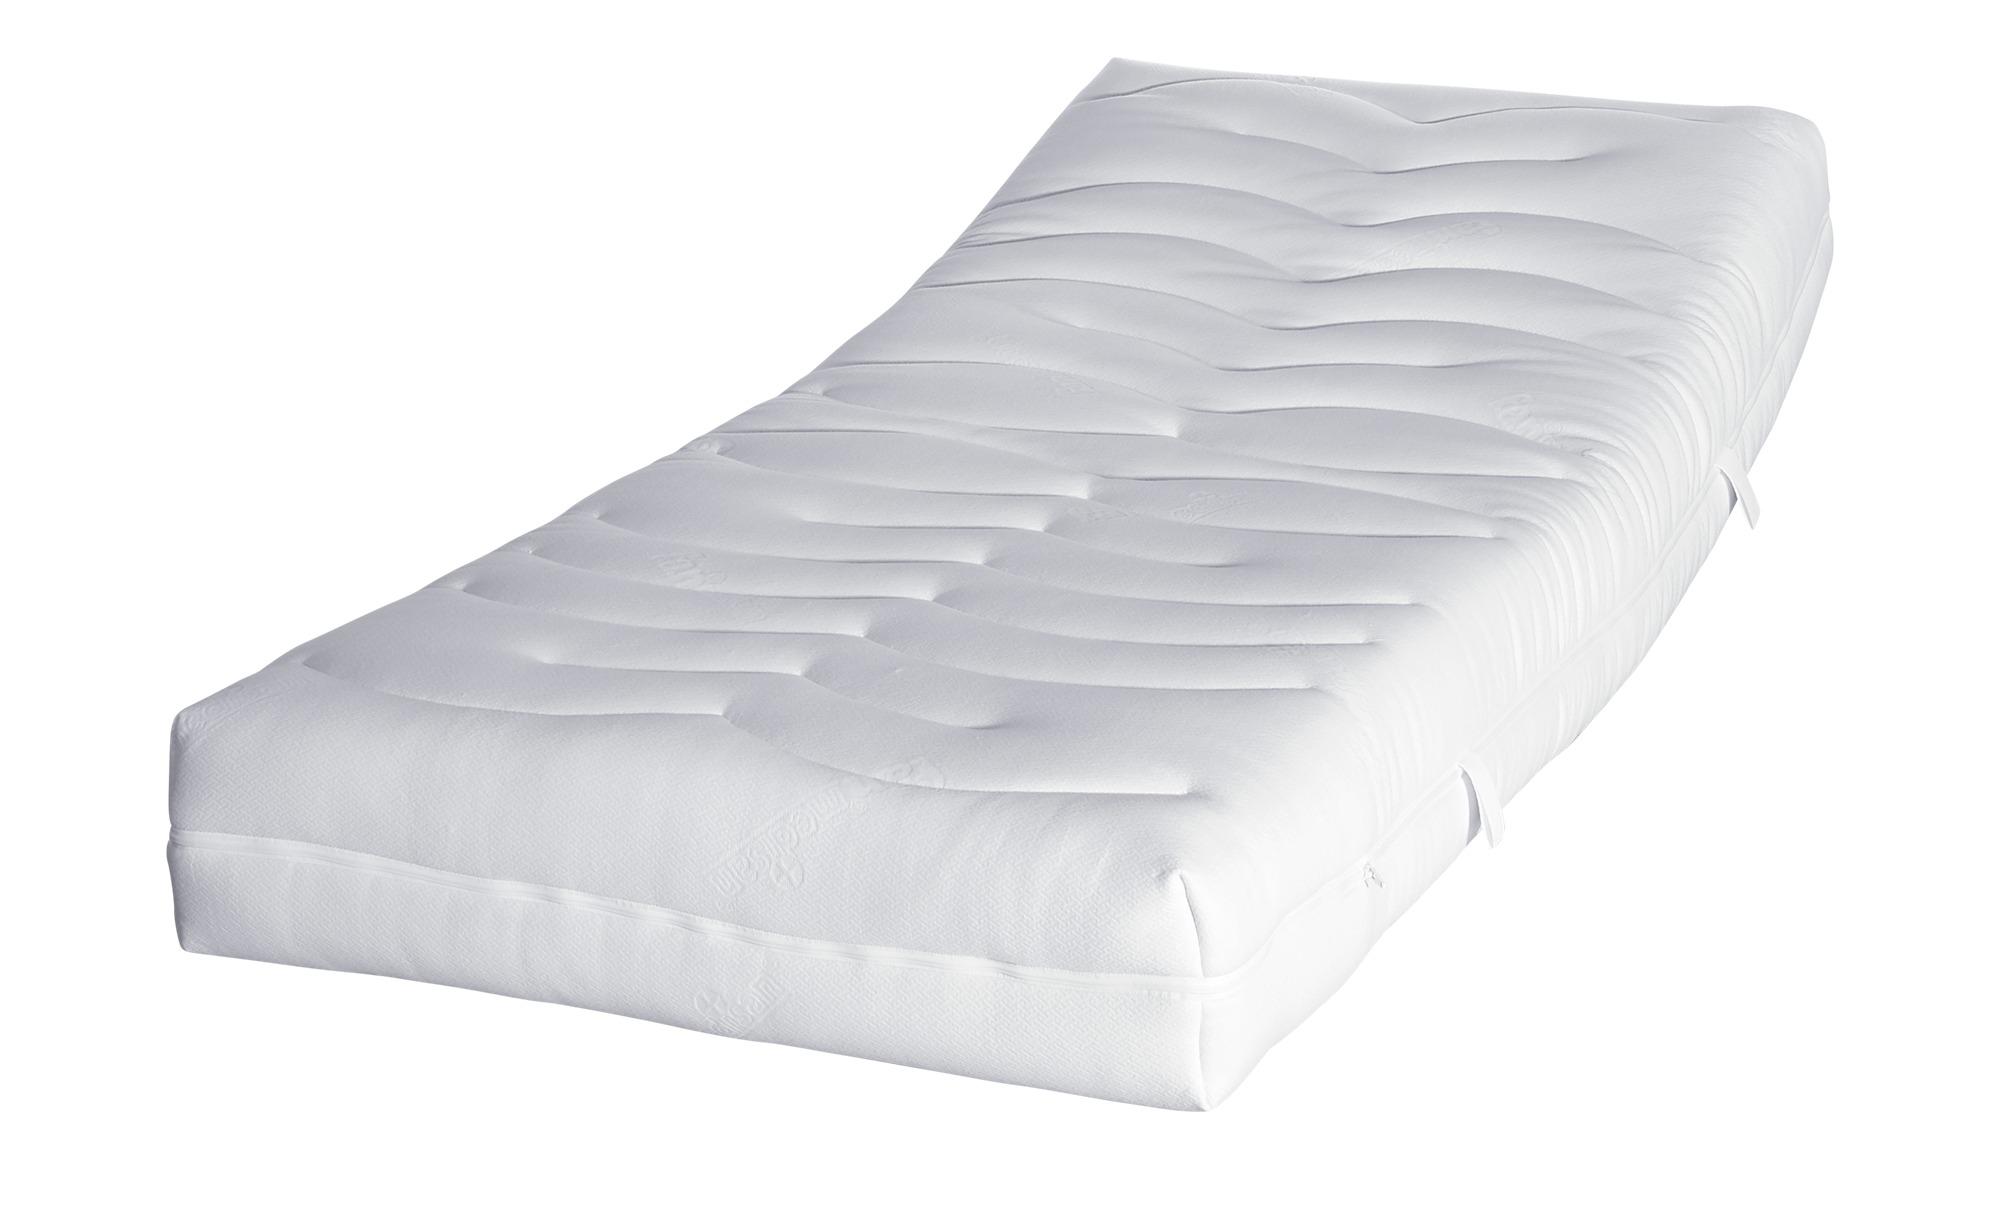 Viscoschaummatratze  Medisan Luxus VS - weiß - 140 cm - 20 cm - 200 cm - Sconto   Schlafzimmer > Matratzen > Viscoschaum-Matratzen   Sconto